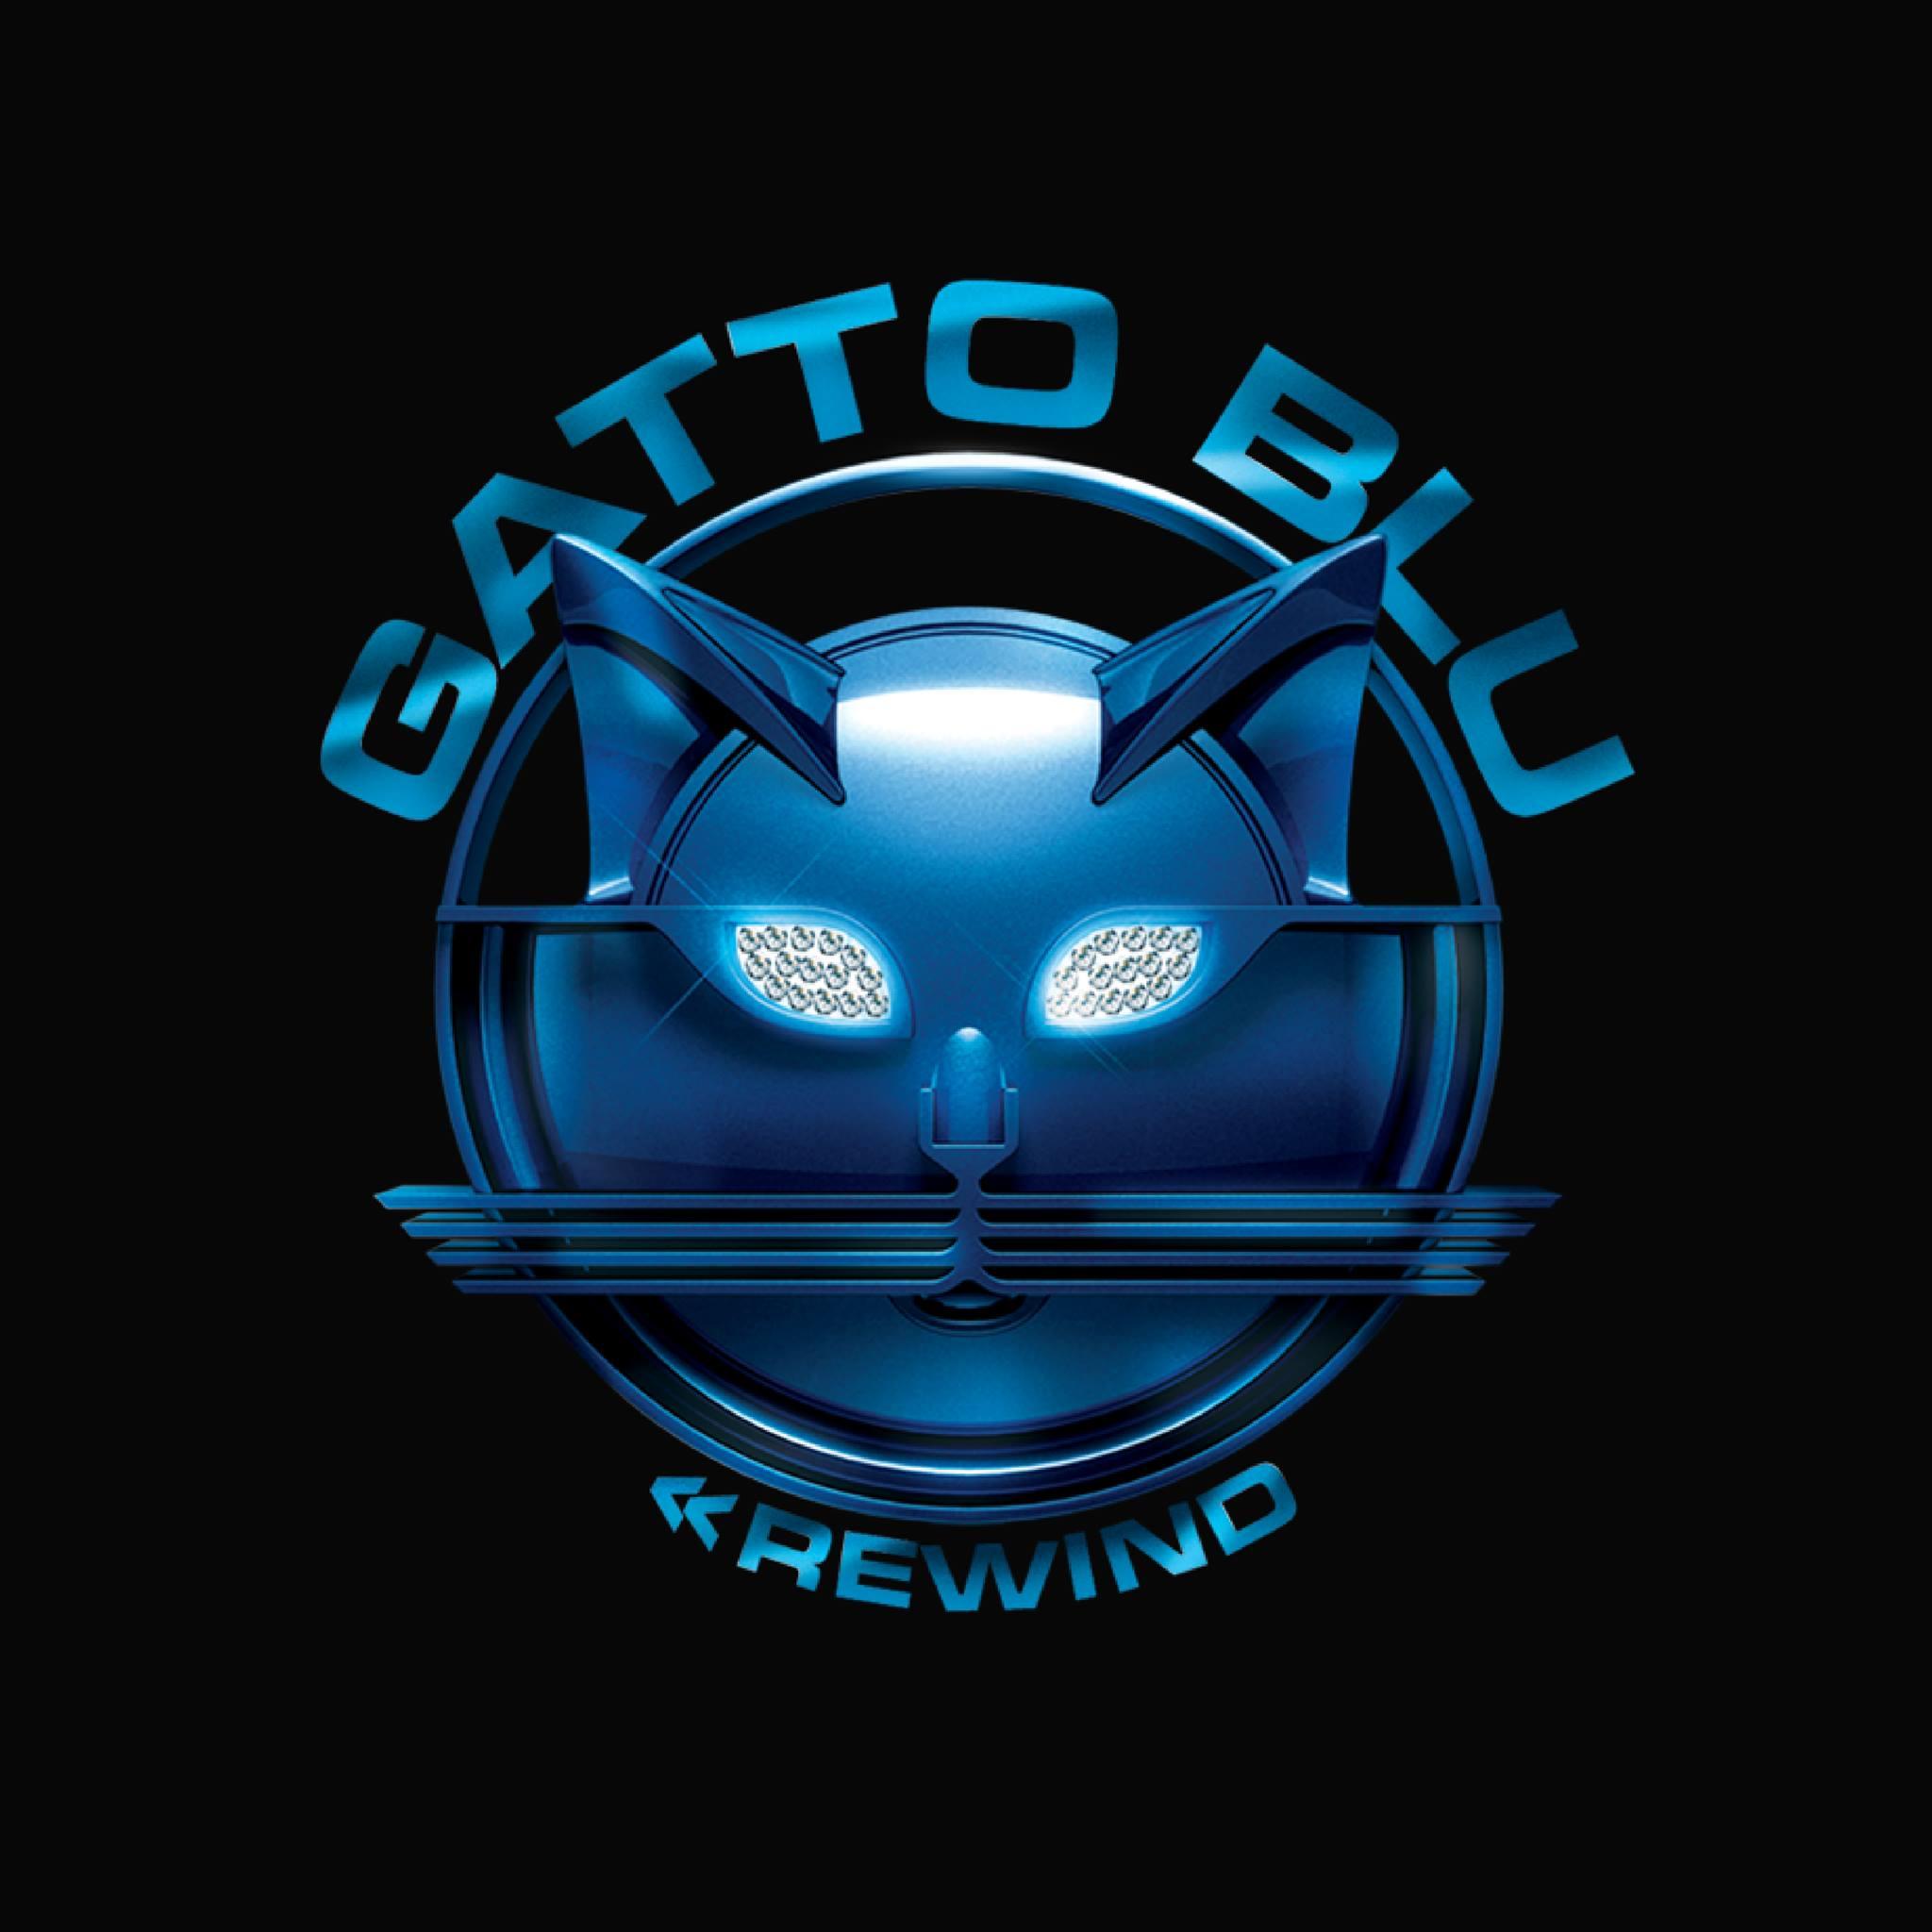 Seconda domenica notte discoteca Gatto Blu Civitanova Marche